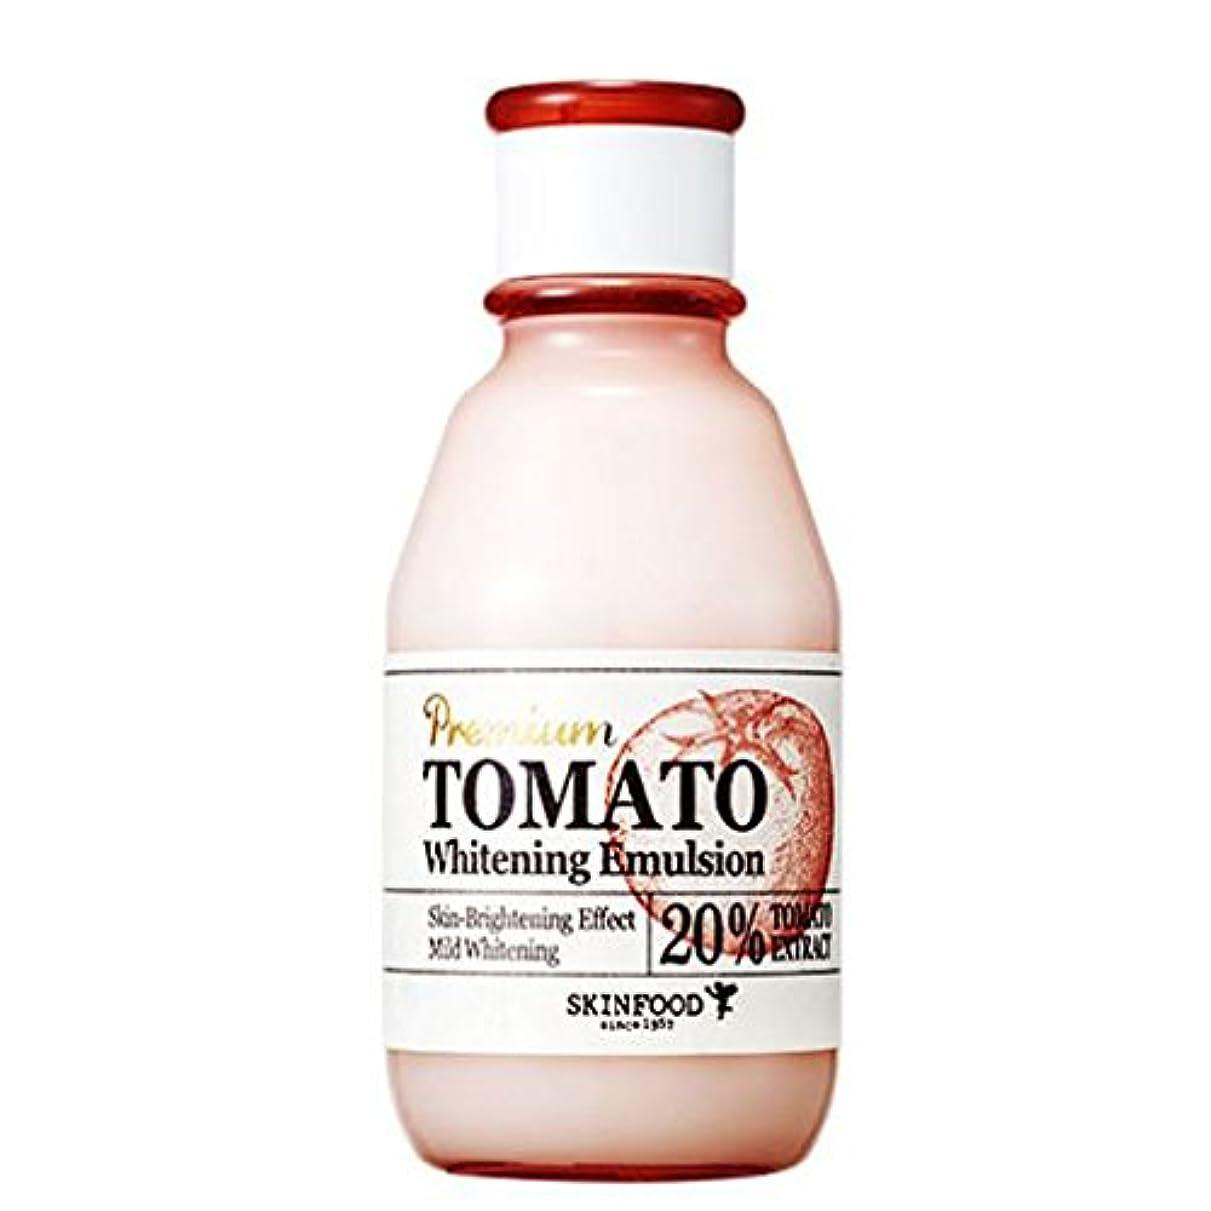 ホット予想外ビジタースキンフード (SKINFOOD) プレミアムトマト ブライトニング エマルジョン